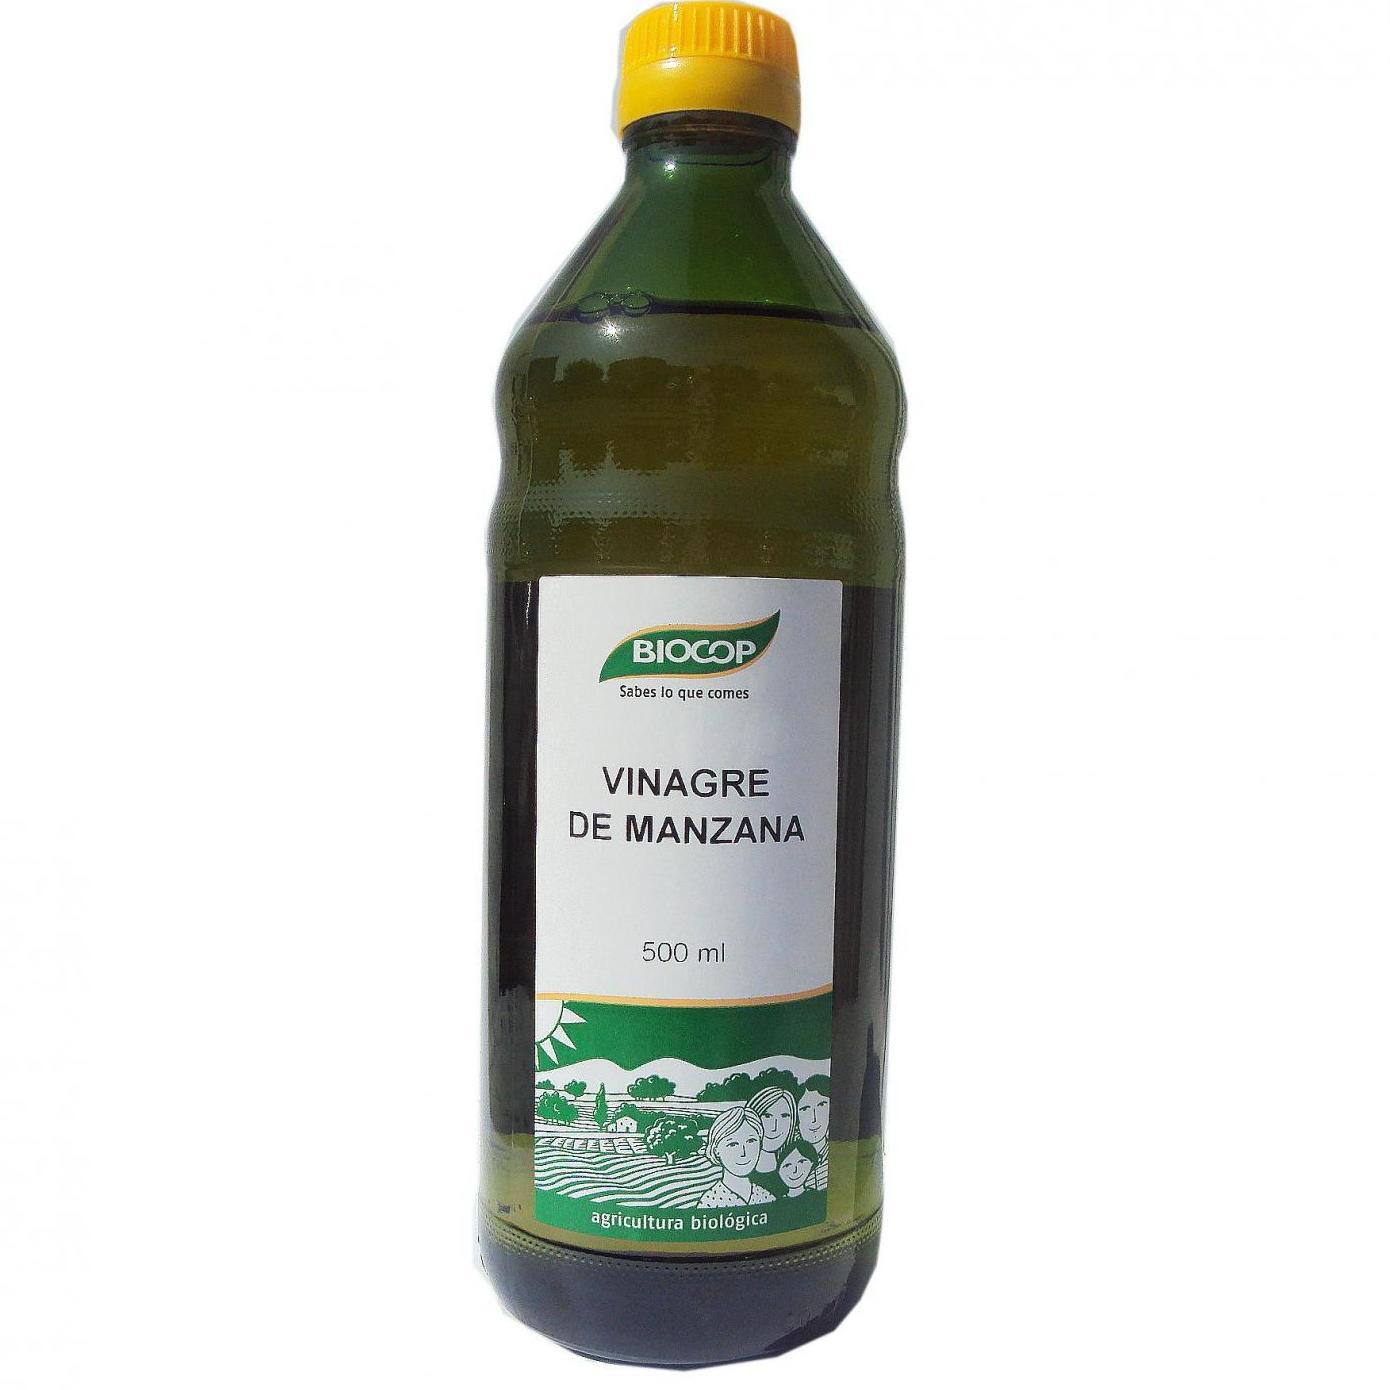 Vinagre de Manzana, BIOCOP: Catálogo de La Despensa Ecológica